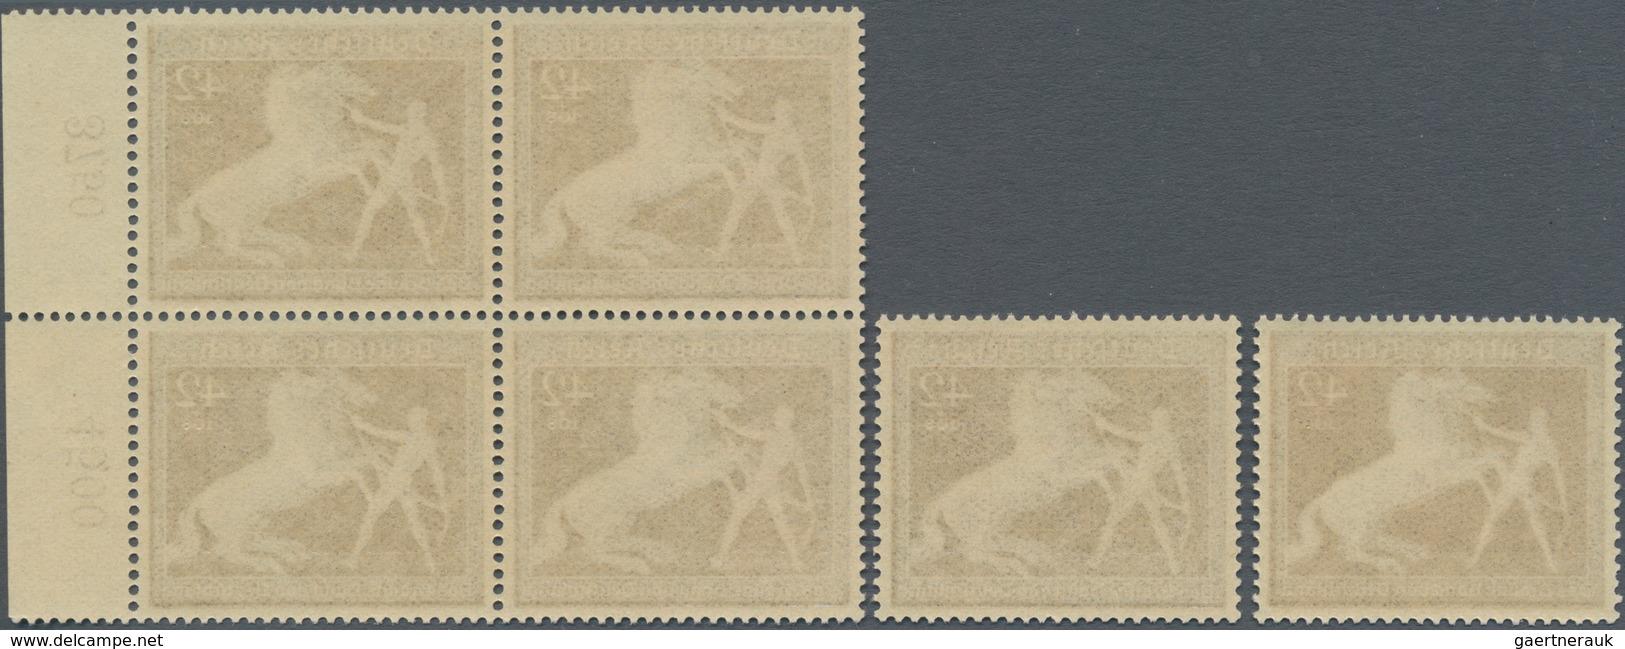 Deutsches Reich - 3. Reich: 1939, Braunes Band Als Viererblock Vom Rechten Rand Und 2 Einzelmarken. - Allemagne